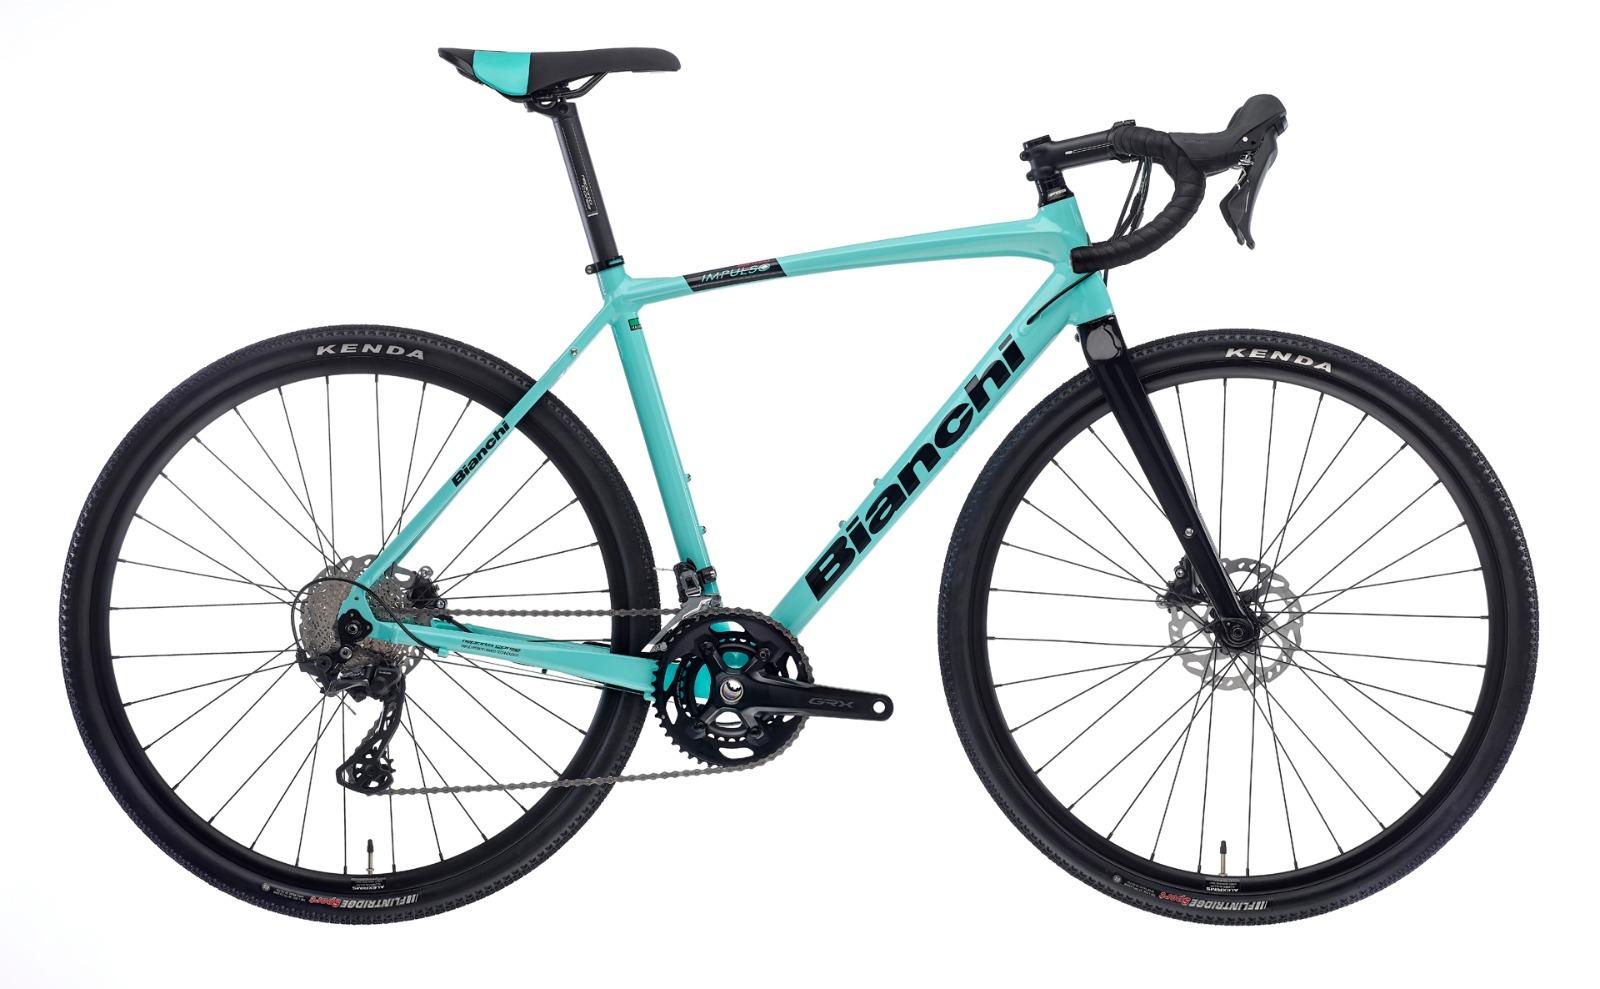 Gravel Bianchi All Road - Noleggio Bici Riccione